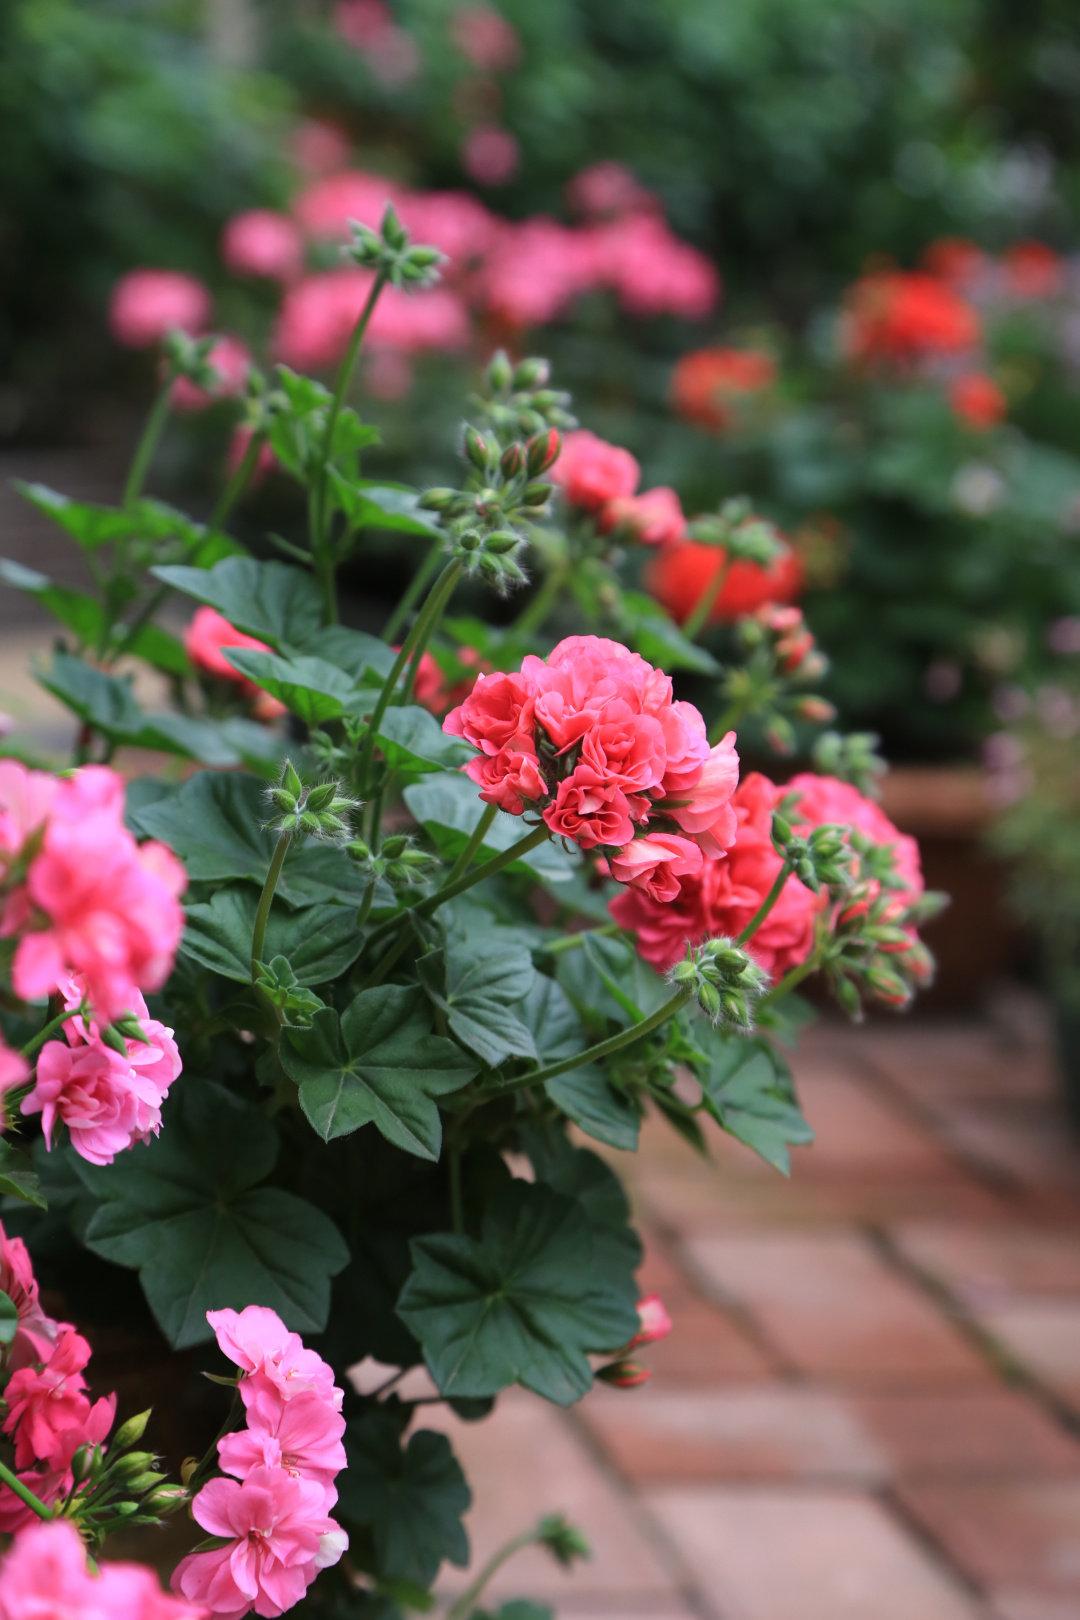 Khu vườn quanh năm chỉ có mùa xuân với hoa nở tưng bừng của cô giáo dạy Toán-6